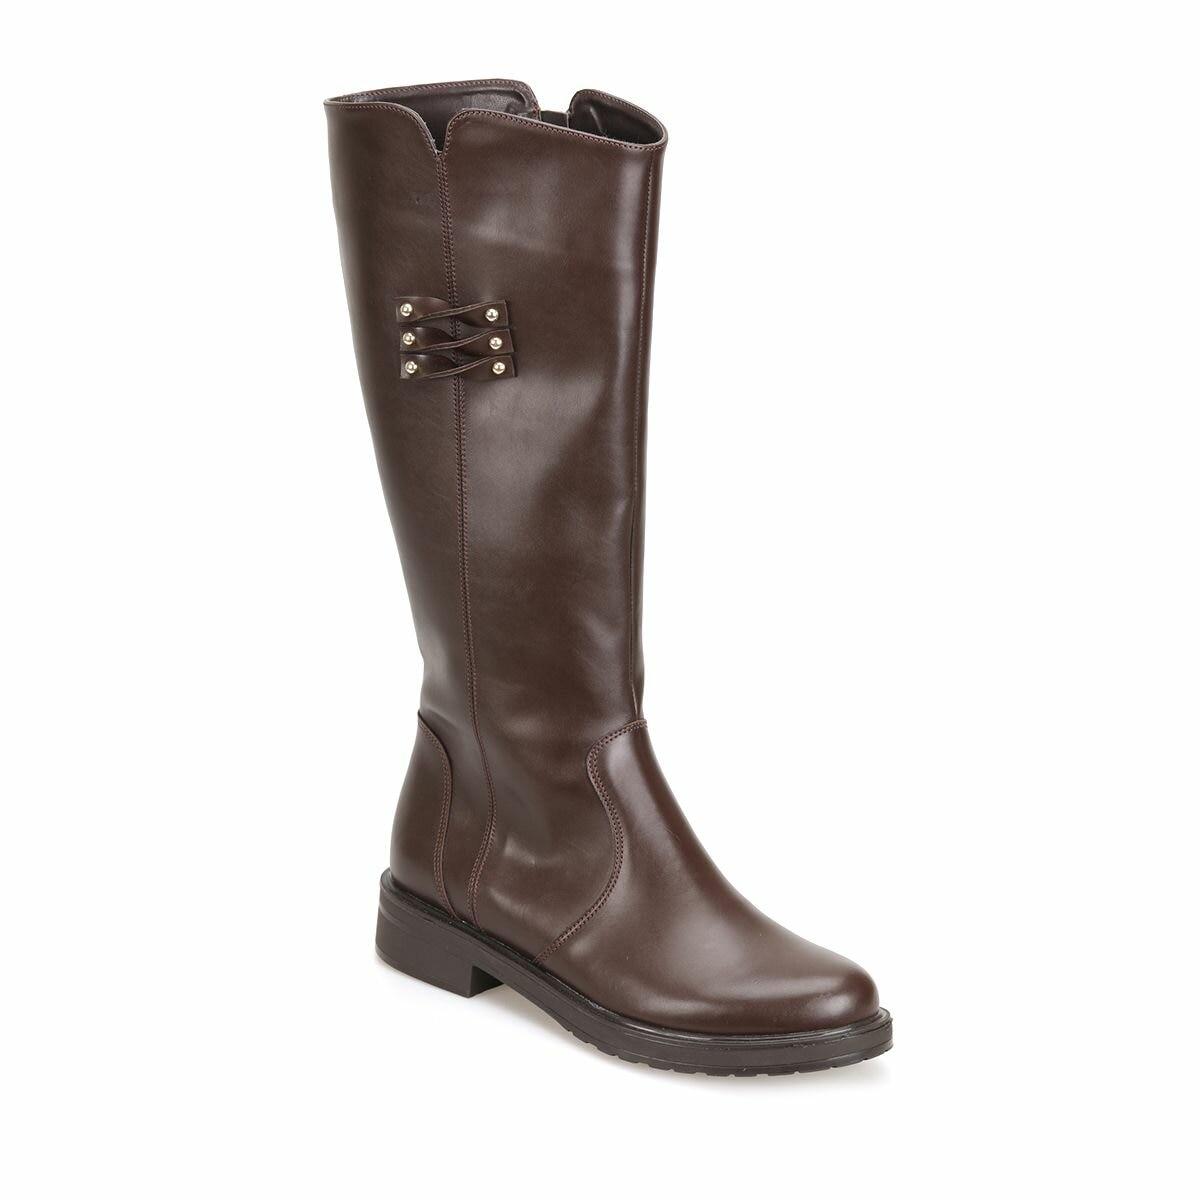 FLO 18K-089 Brown Women 'S Boots BUTIGO